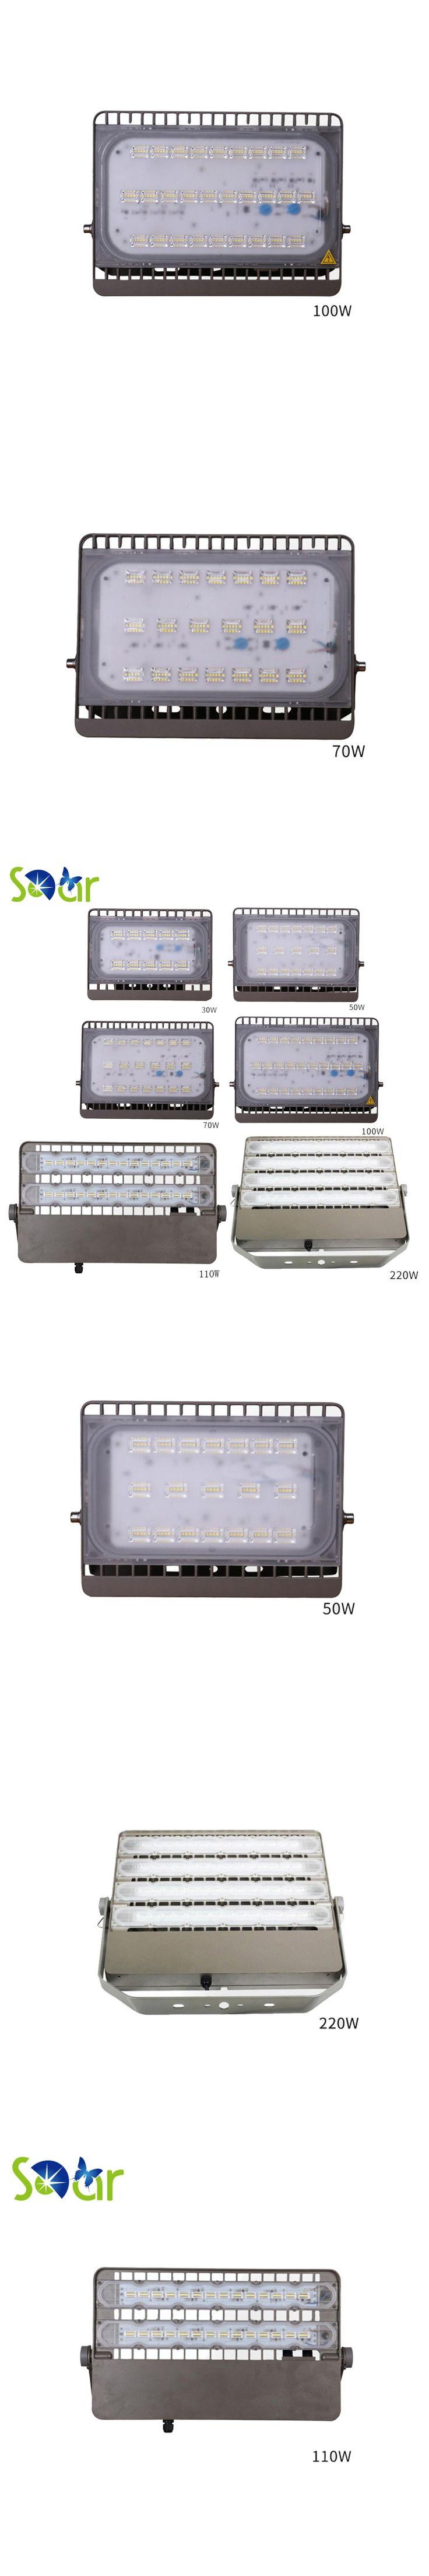 Ultra Bright led flood light 30W 50W 70W 100W 110W 220W SMD 2835 Waterproof IP67 AC185-265V Garden Spotlight Outdoor Floodlight